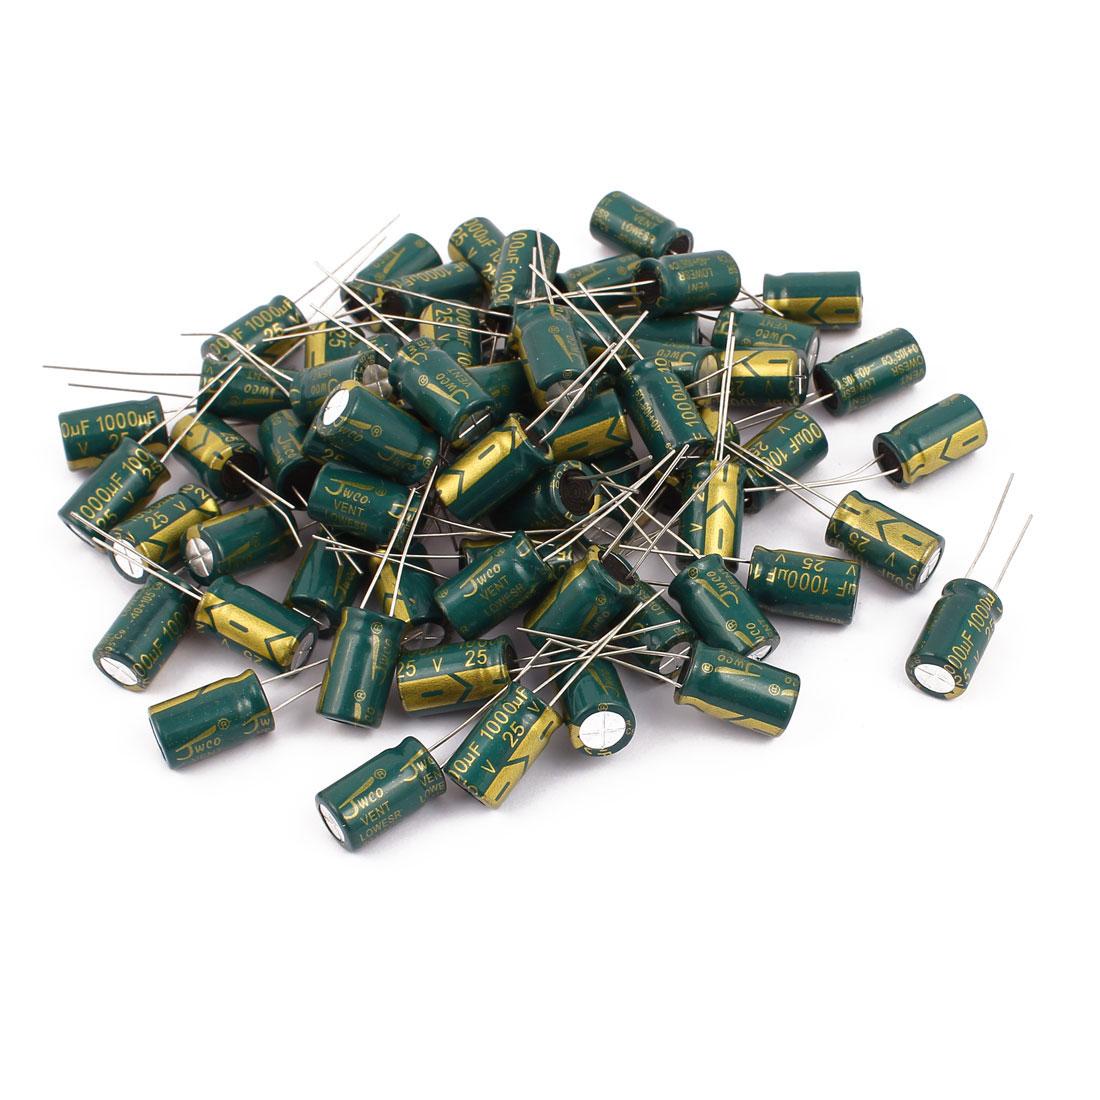 64Pcs 25V 1000uF Aluminum Electrolytic Capacitors 105 degree Celsius 10x17mm